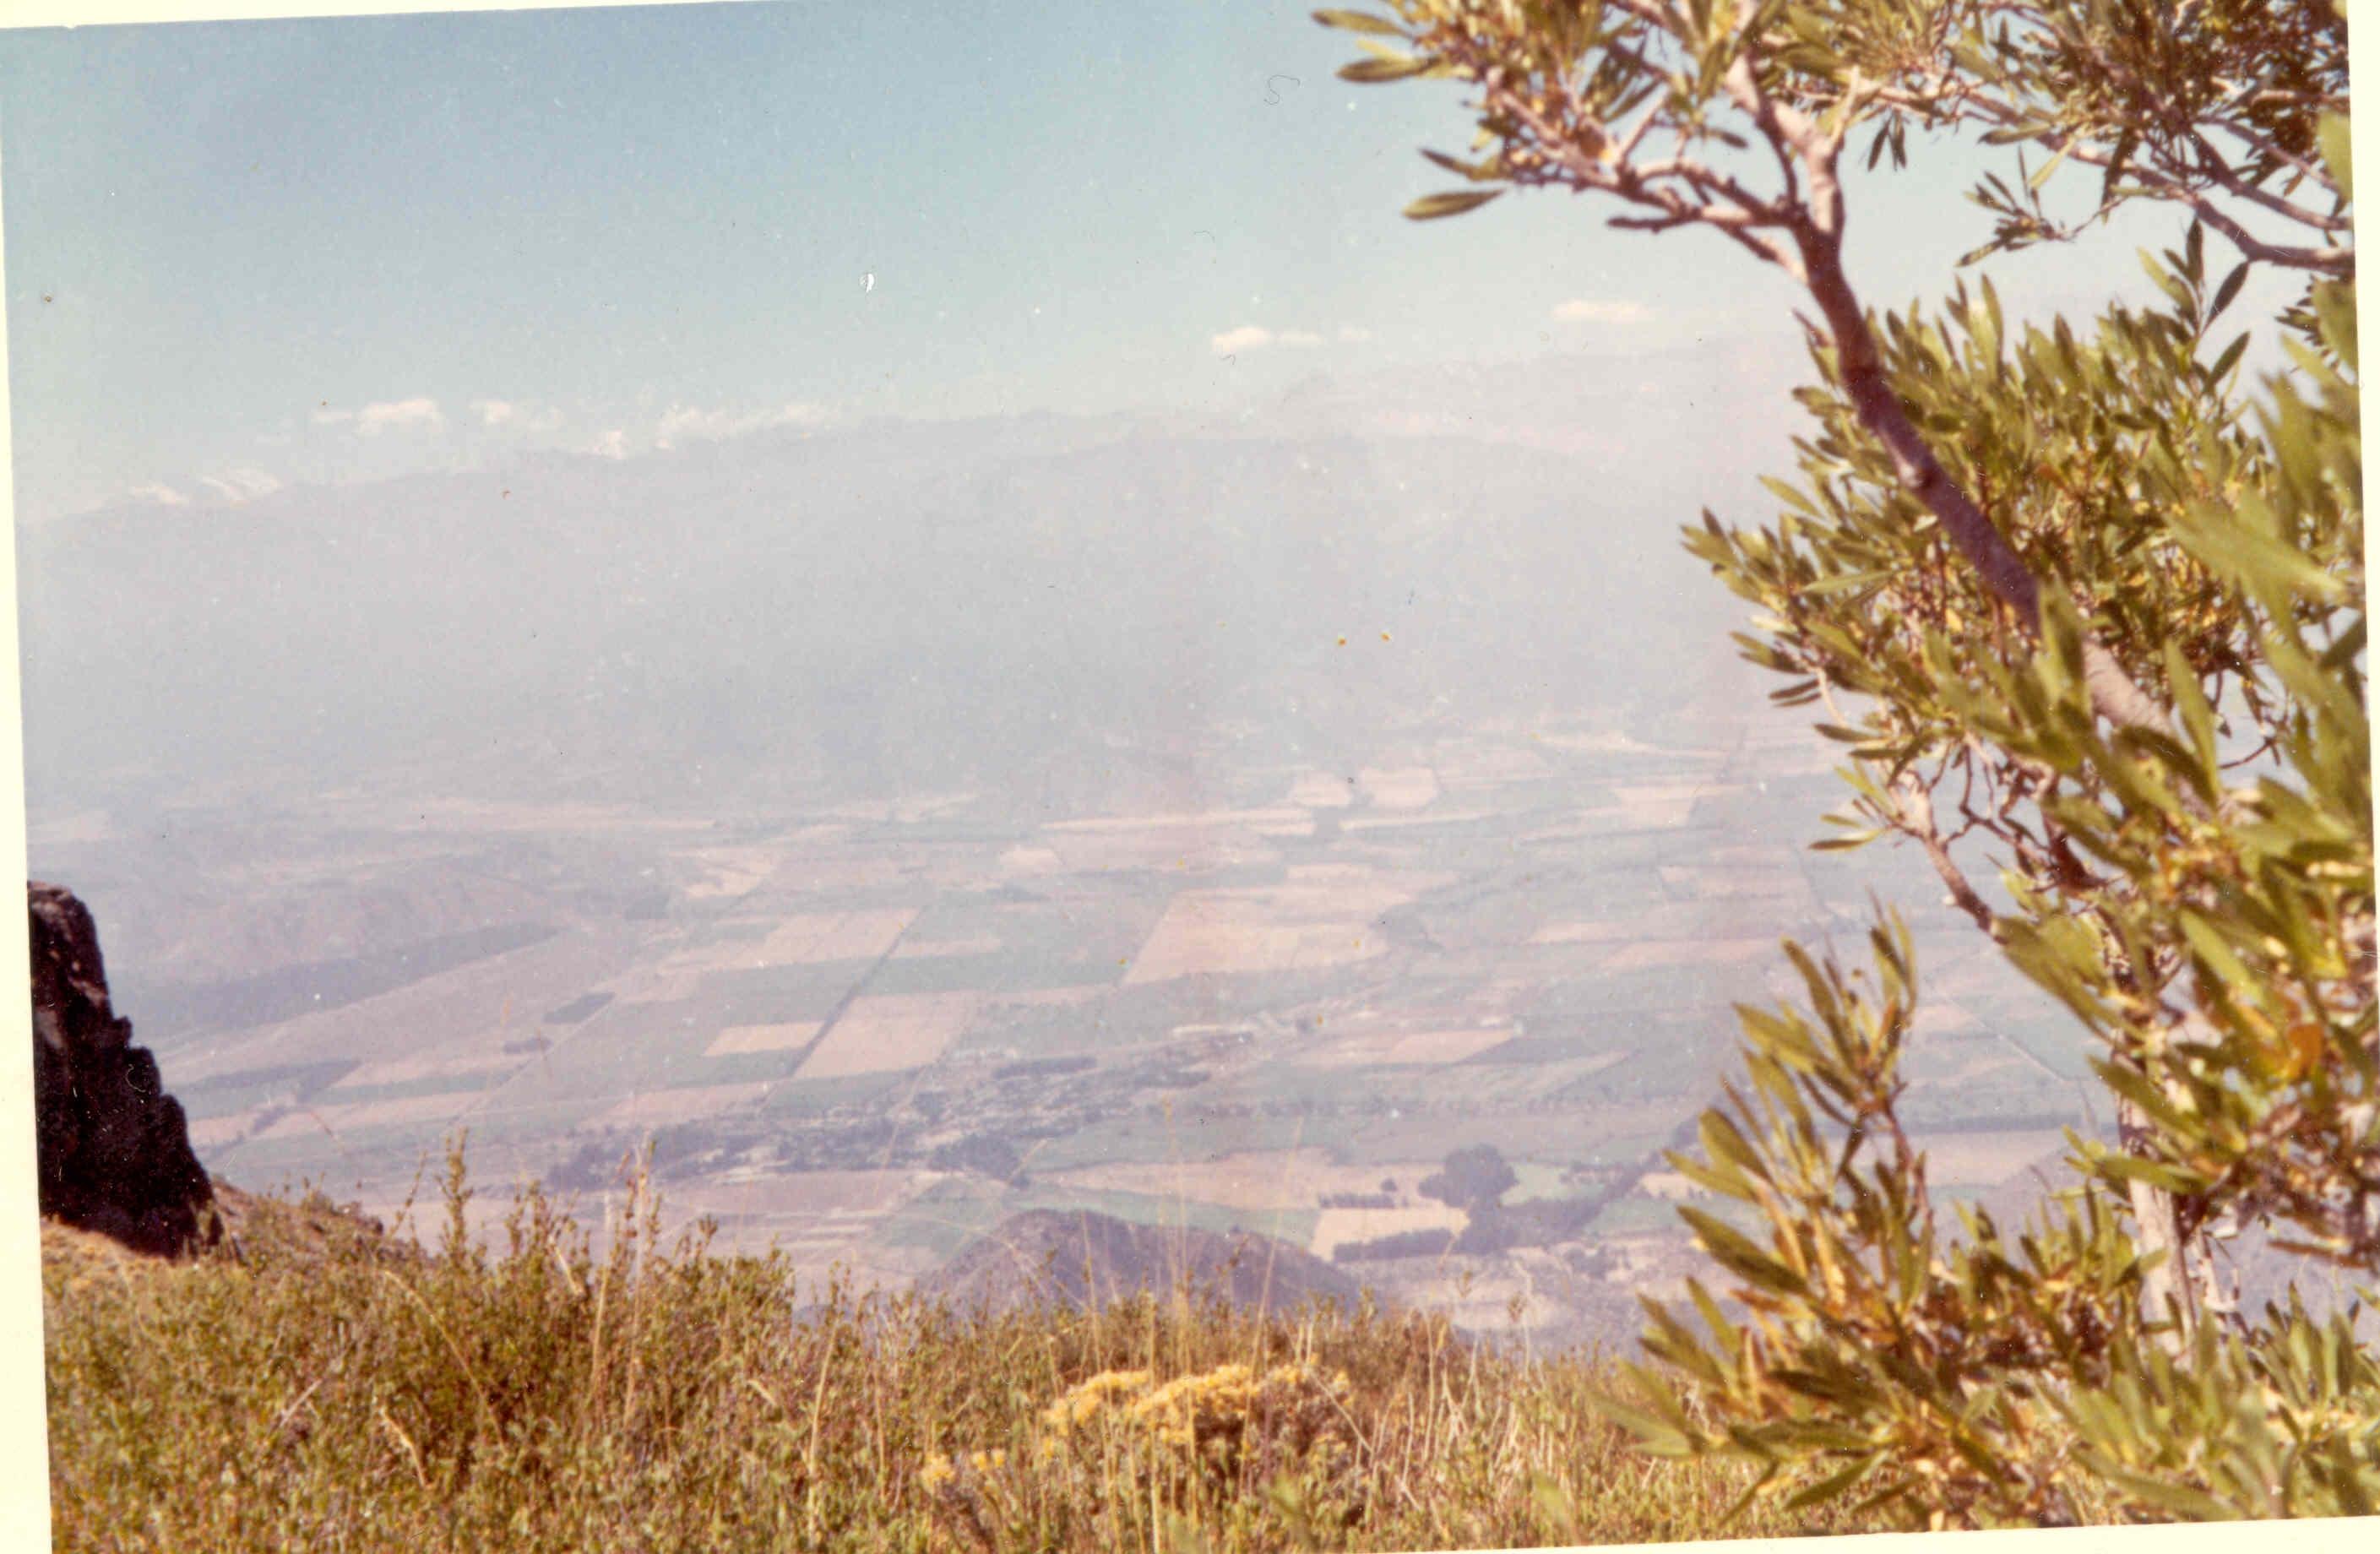 Enterreno - Fotos históricas de chile - fotos antiguas de Chile - Alto de Cantillana  en 1969